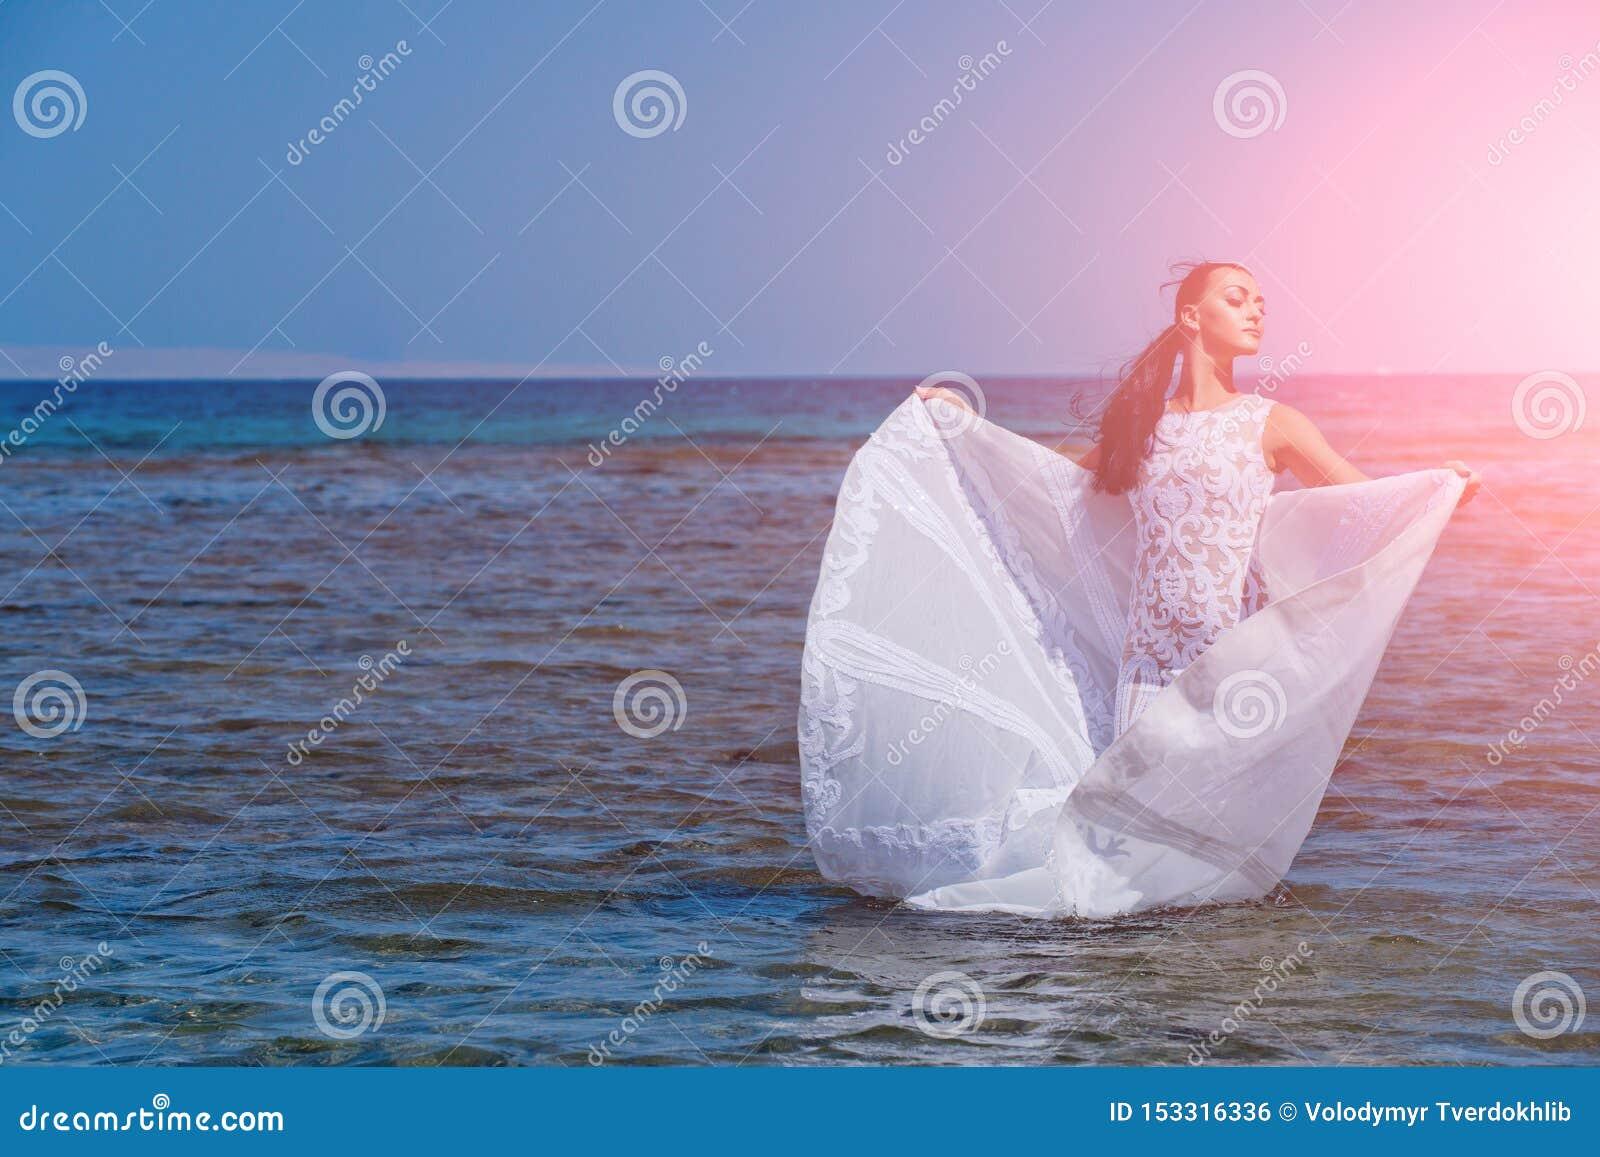 Νύφη την ηλιόλουστη θερινή ημέρα στο μπλε νερό